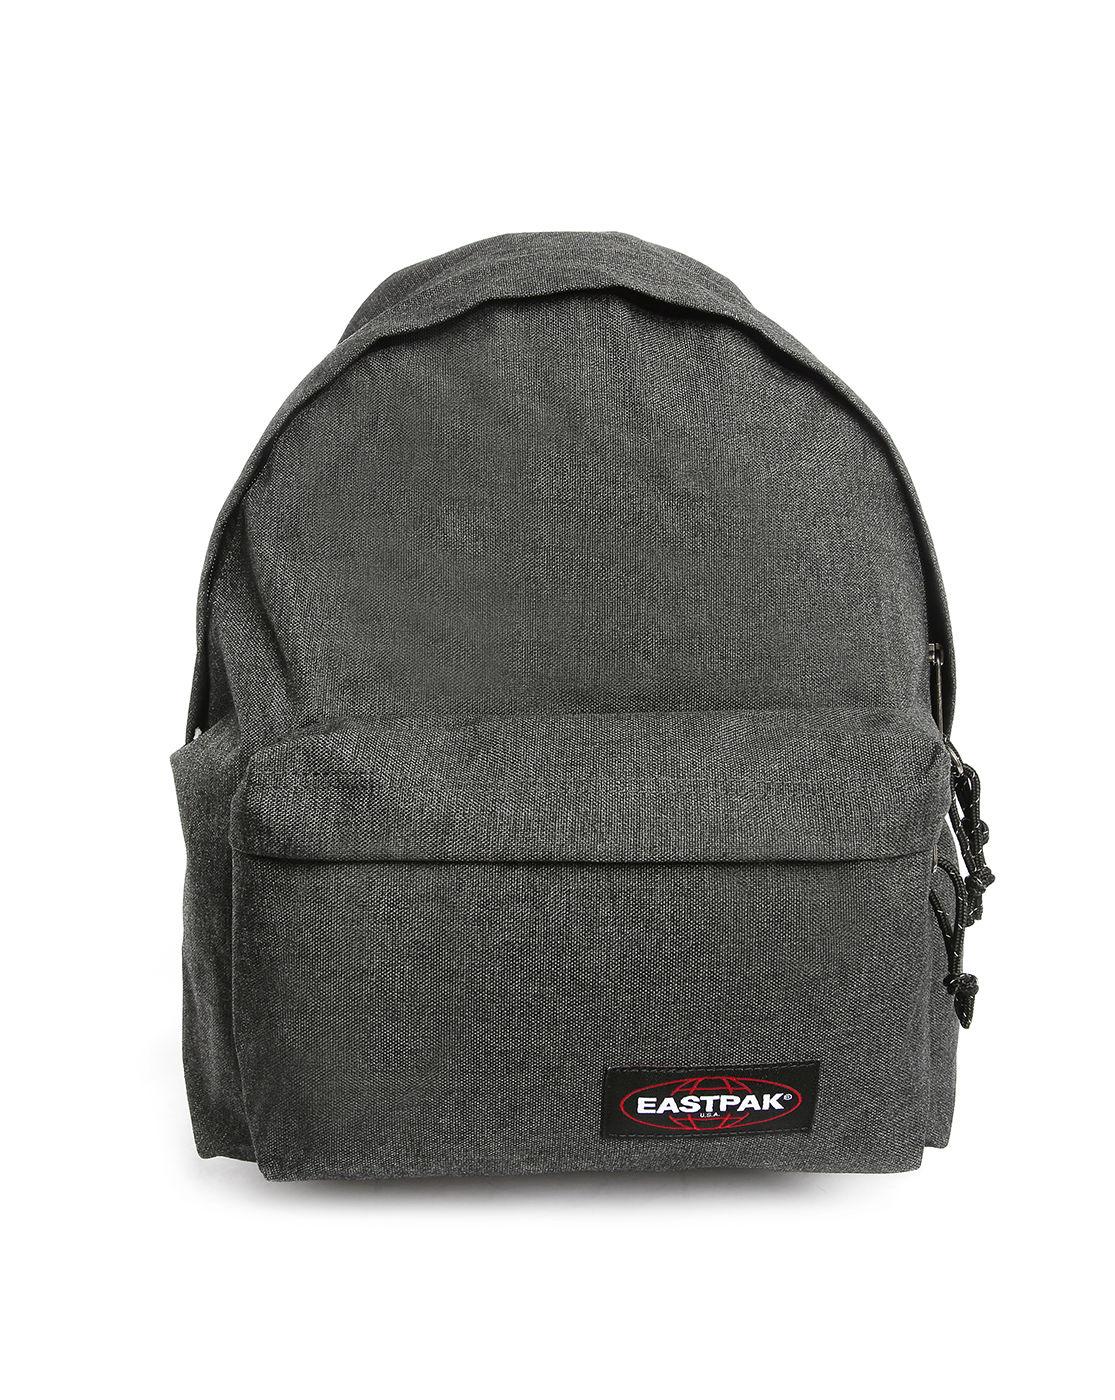 Eastpak Dark Grey Padded Pak'r Backpack in Gray for Men